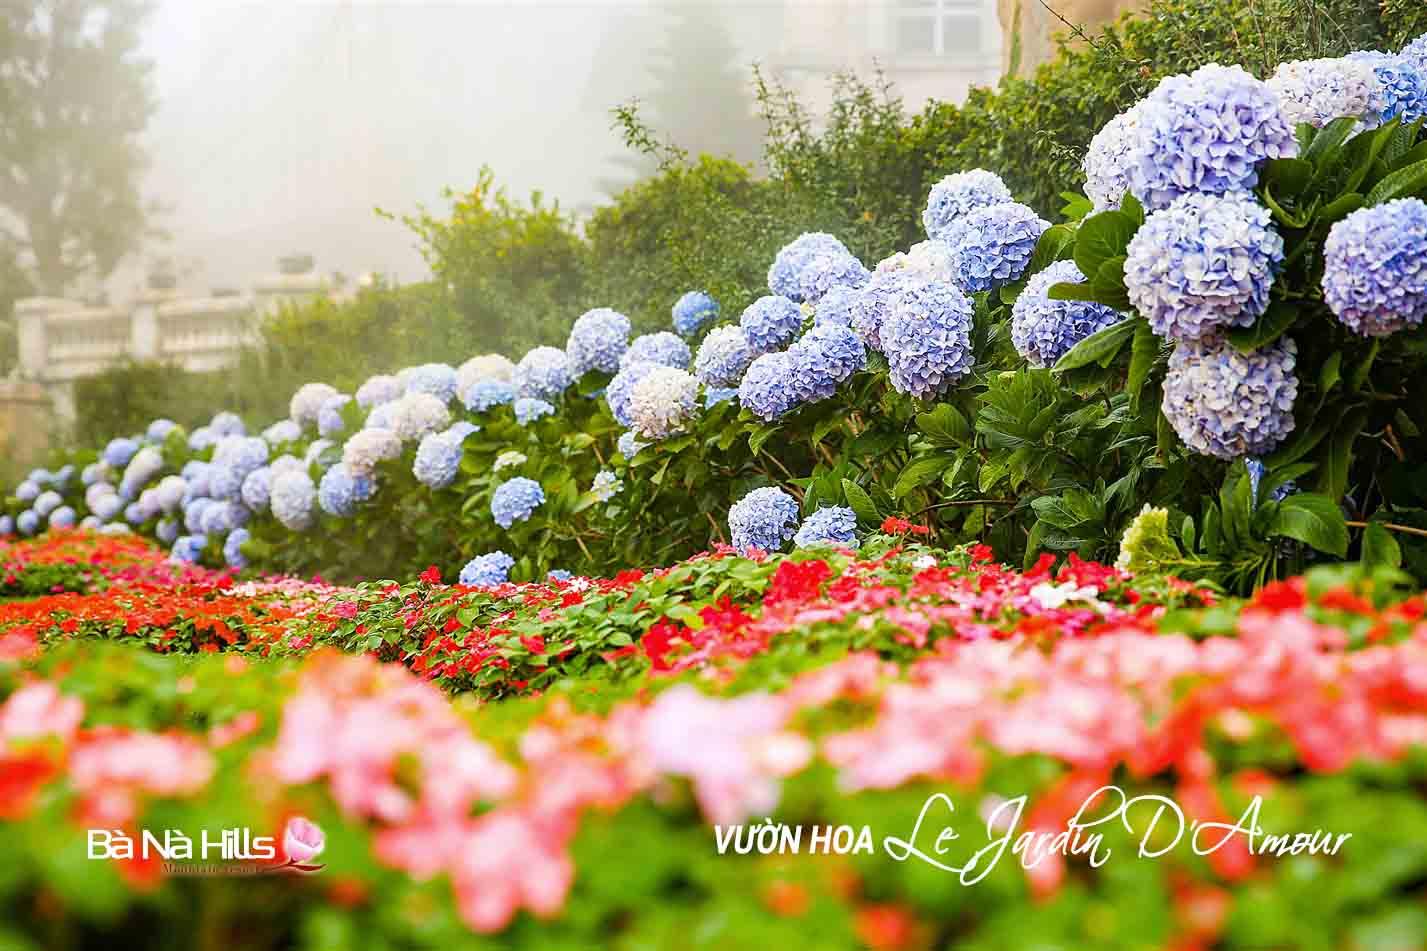 Vườn hoa Le Jardin D'Amour kinh nghiệm du lịch Bà Nà Hills